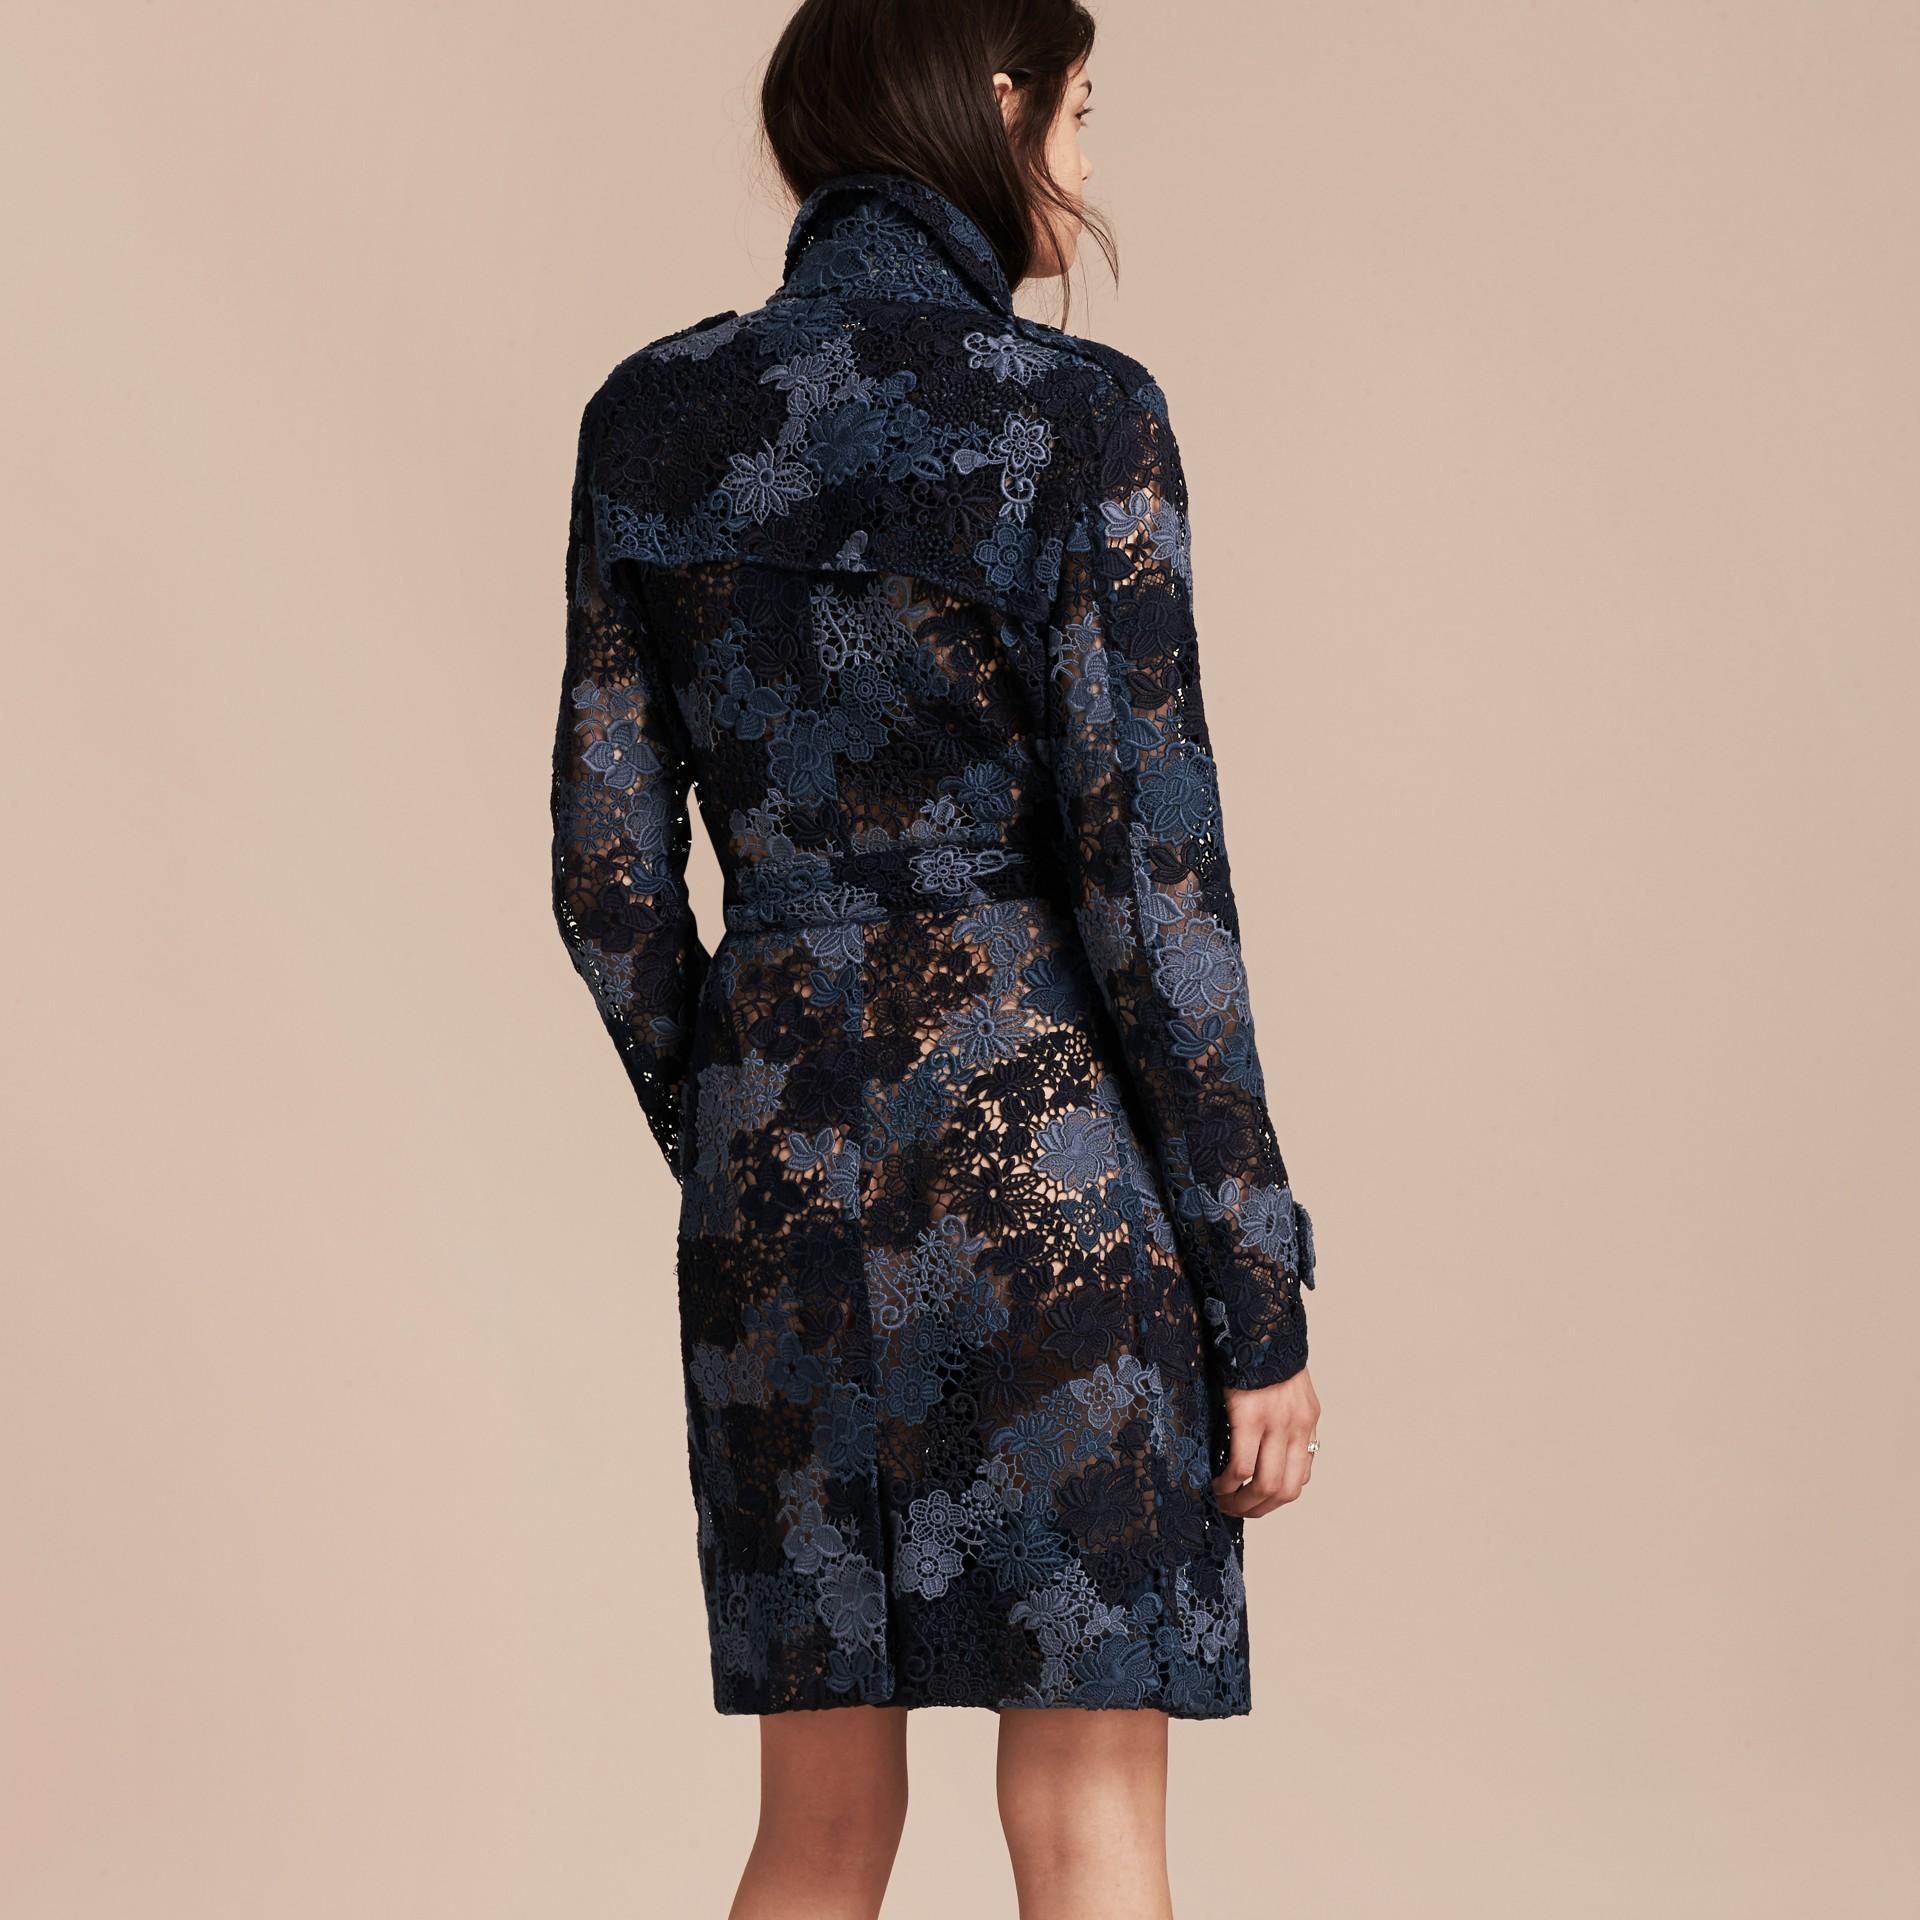 Bleu encre Trench-coat en macramé de dentelle italienne à motif floral - photo de la galerie 2